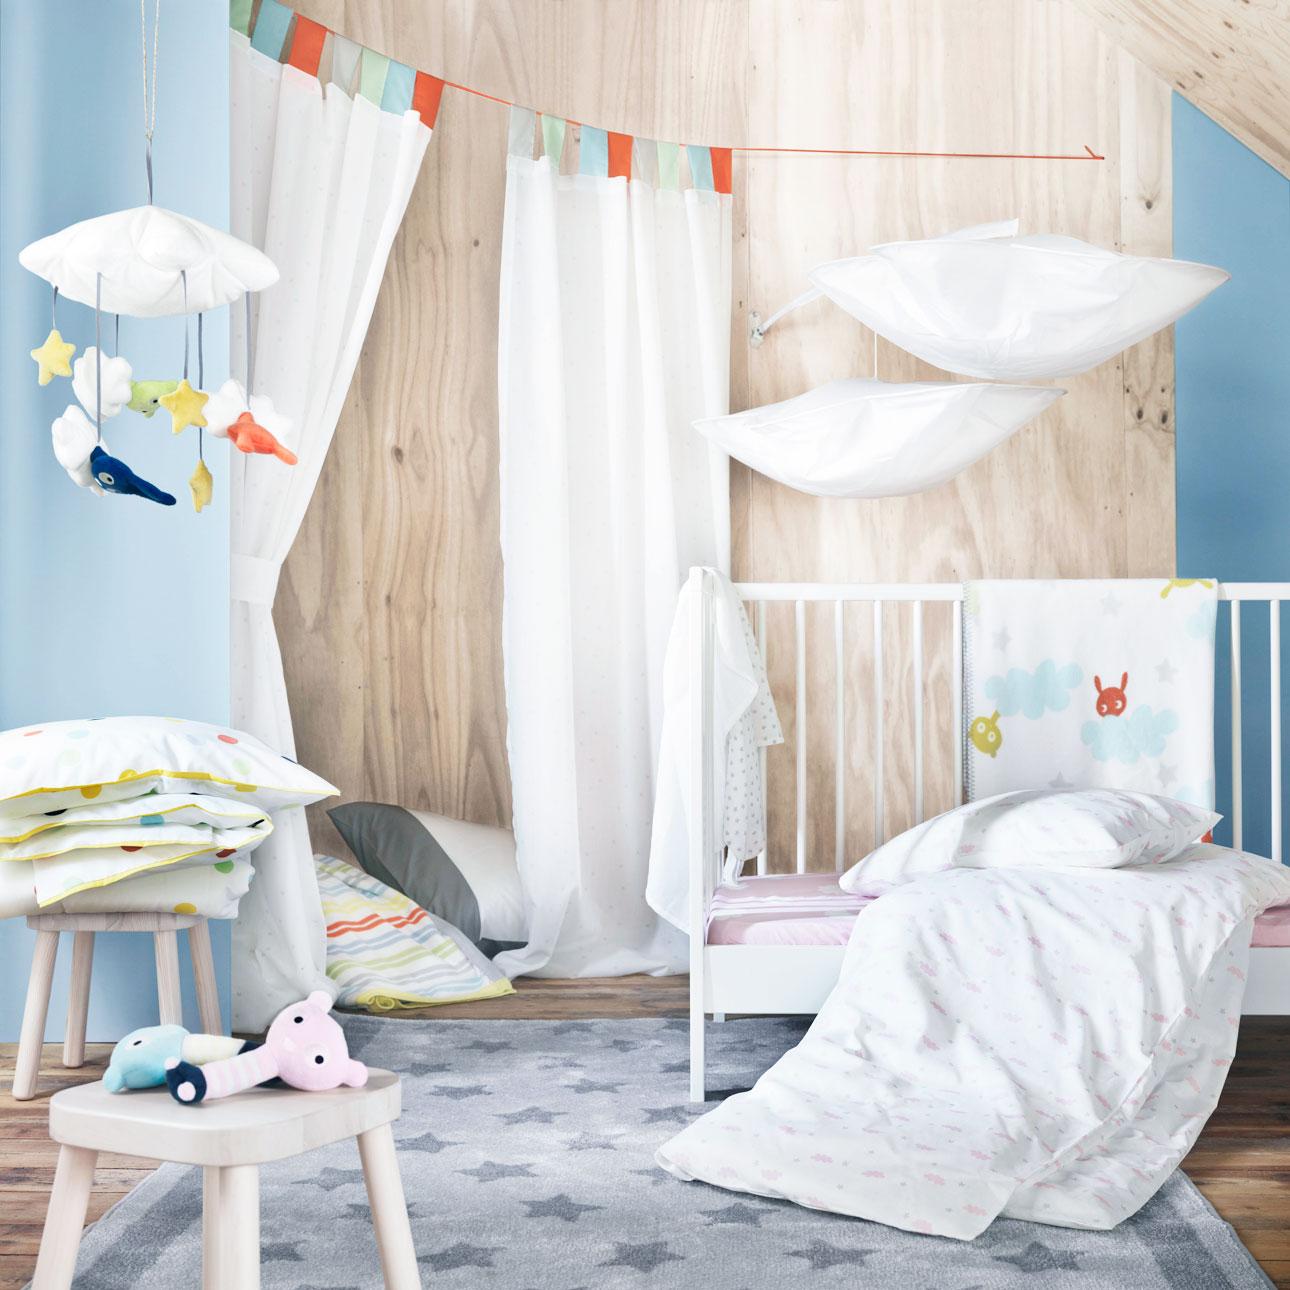 Ikea kinderland beddengoed textiel